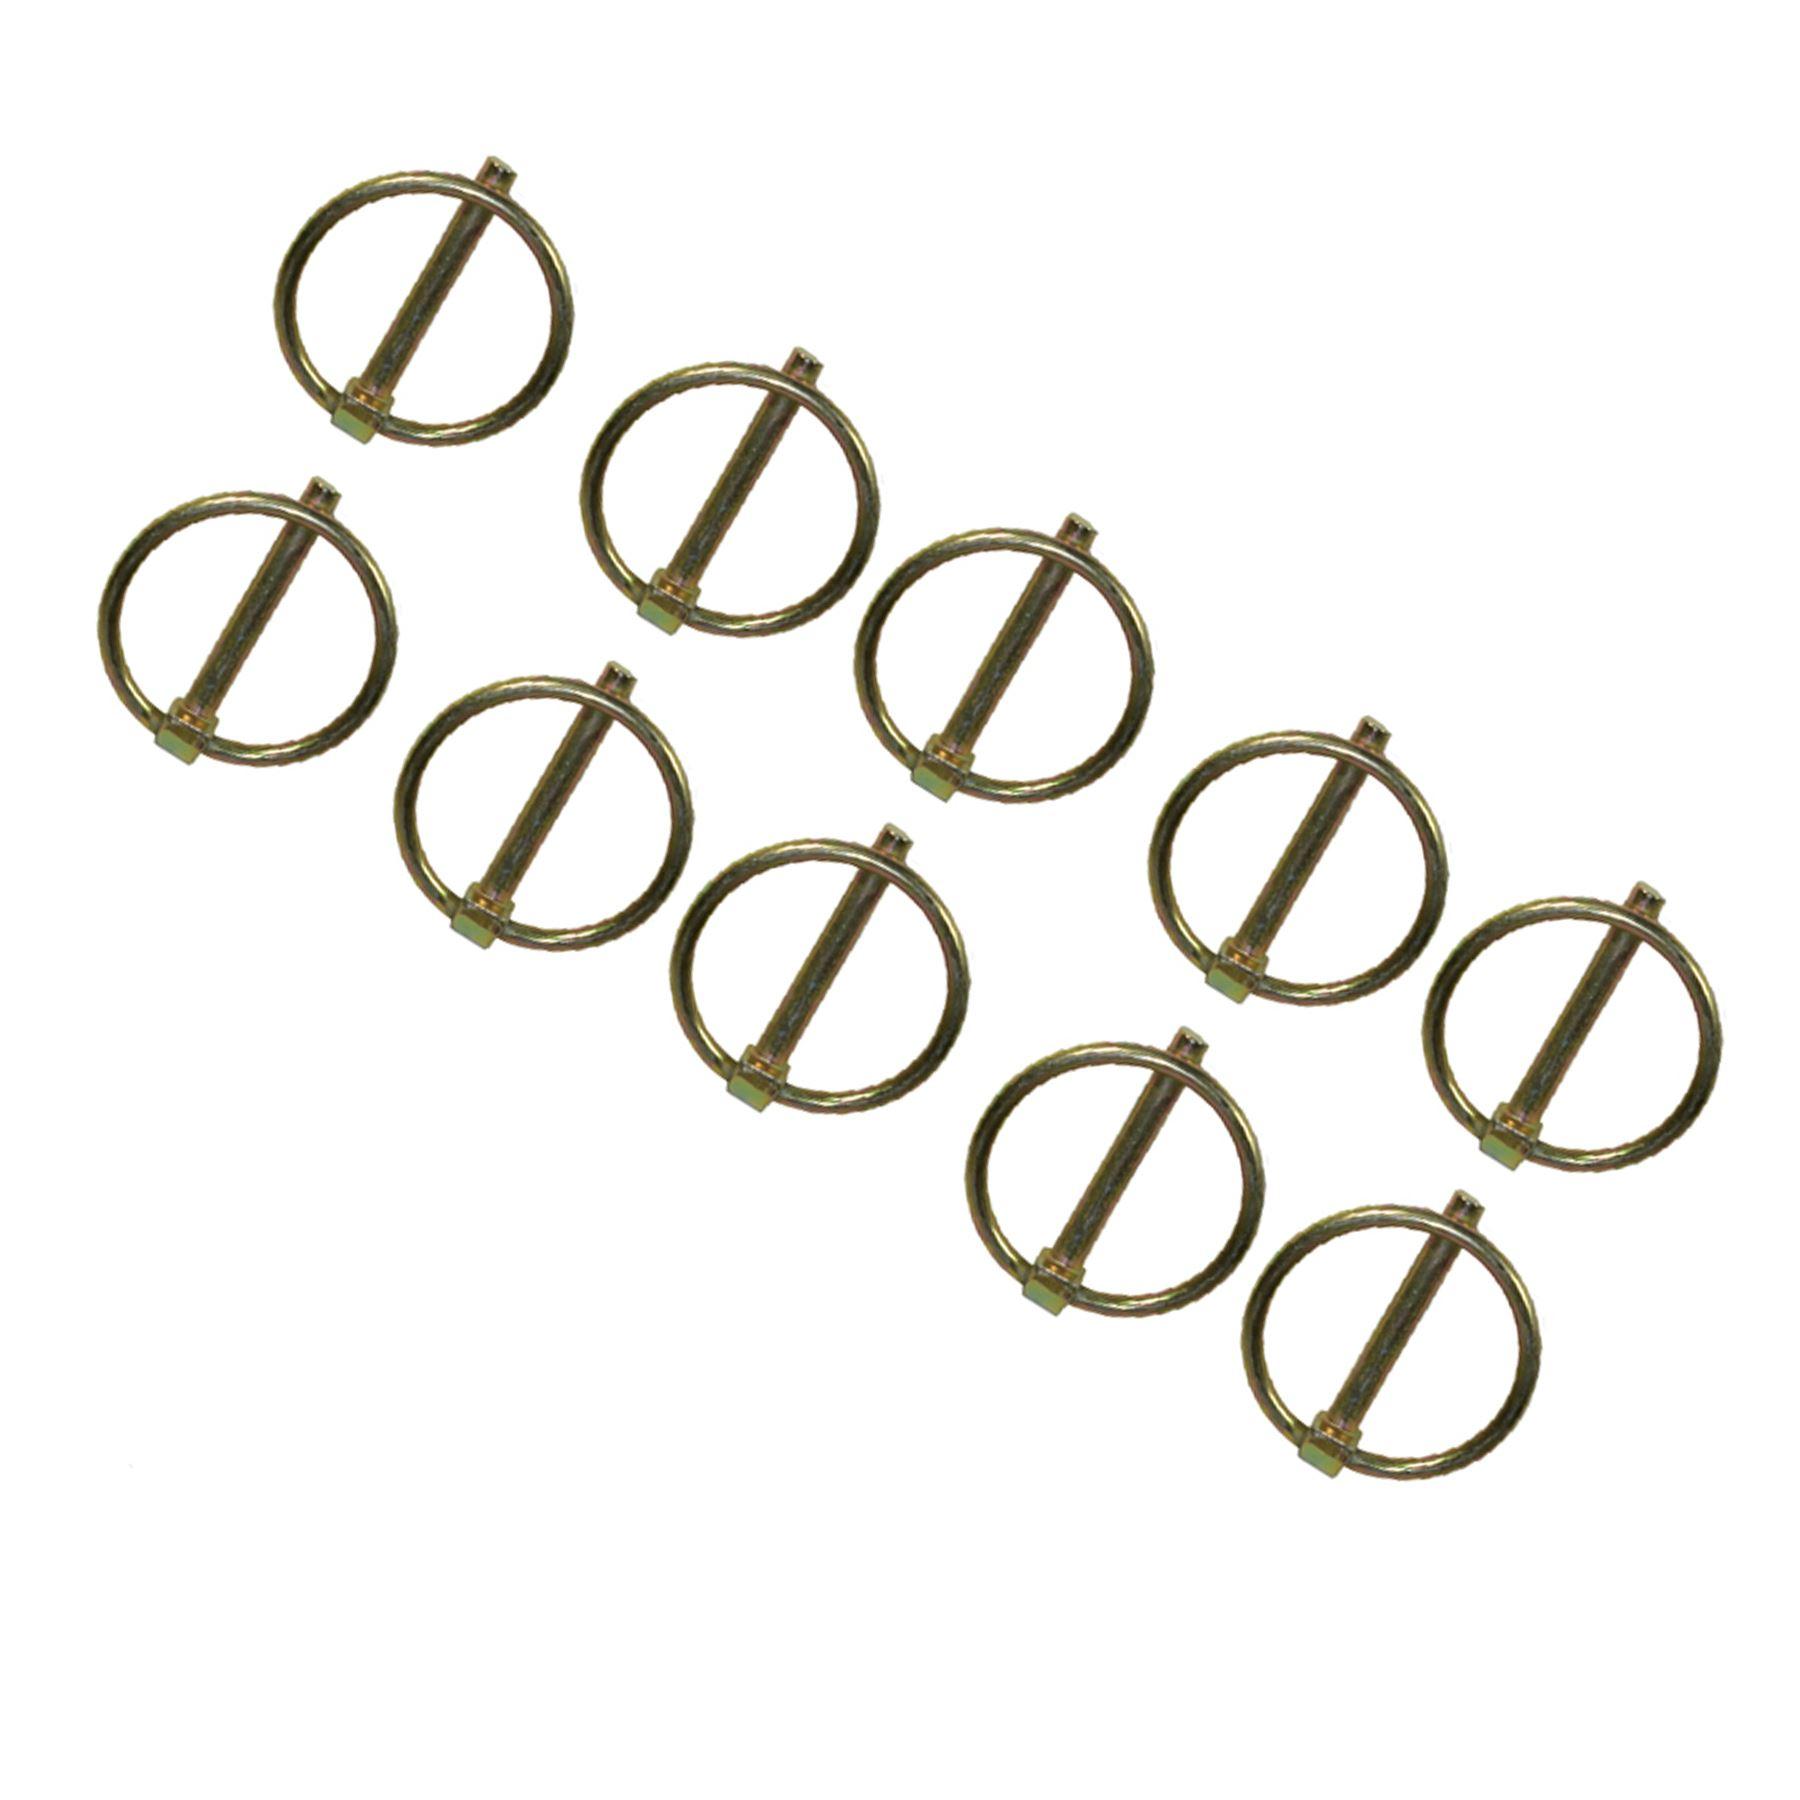 GüNstig Einkaufen Keile 4,5mm Collier Clip zentrale Verbindung Zwischen Der Achse Der Verriegel